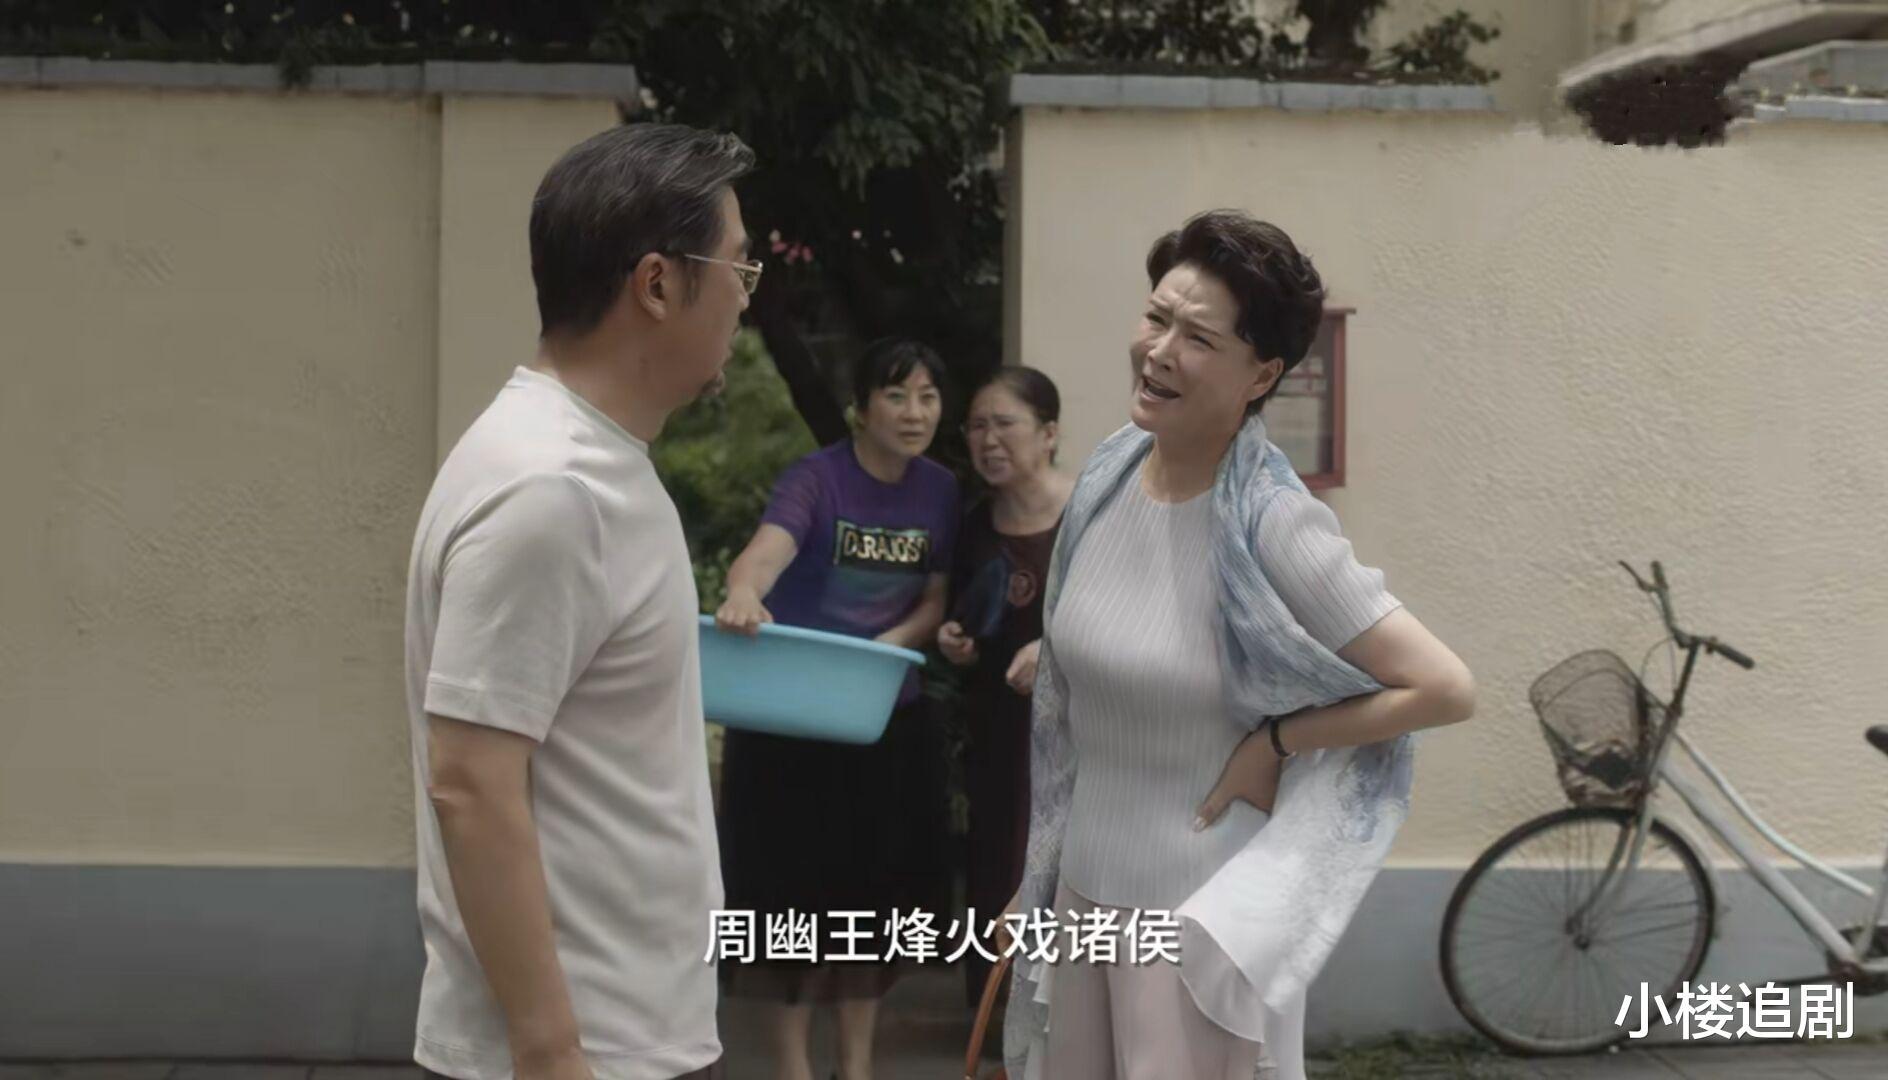 《小舍得》: 一套學區房引出三段恩怨, 蔡菊英結局令人唏噓-圖9